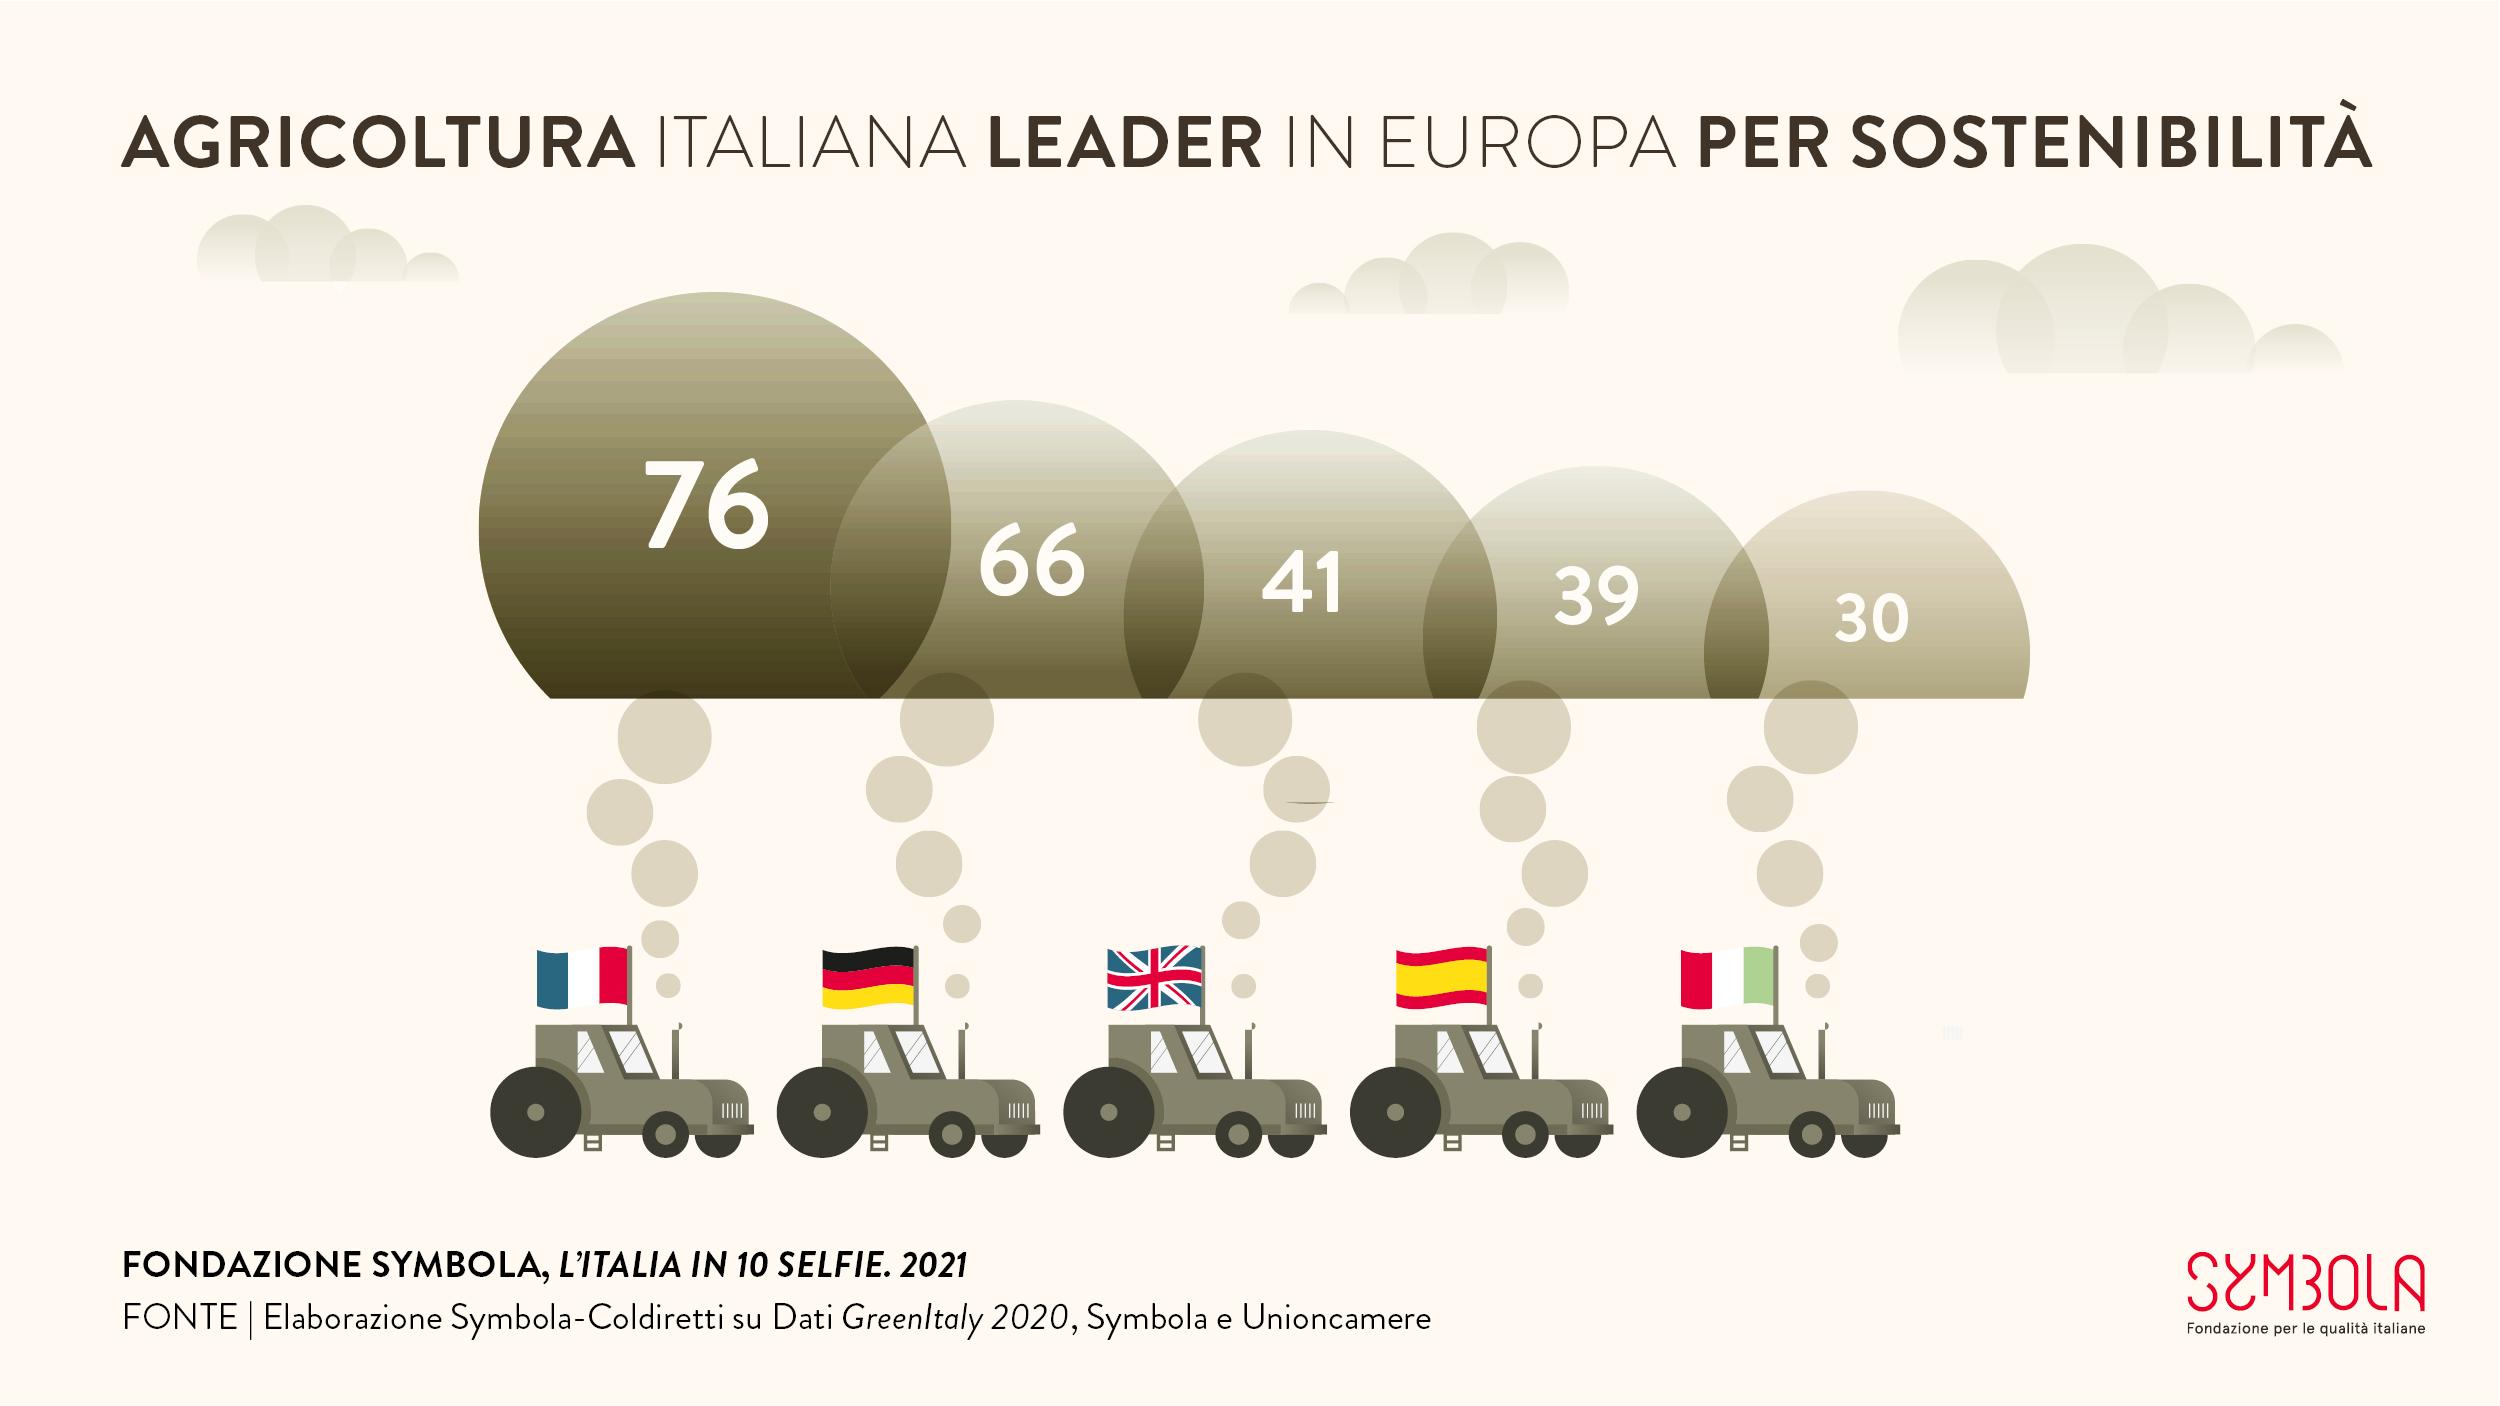 10 selfie 2021: Agricoltura italiana leader in Europa per sostenibilità #8